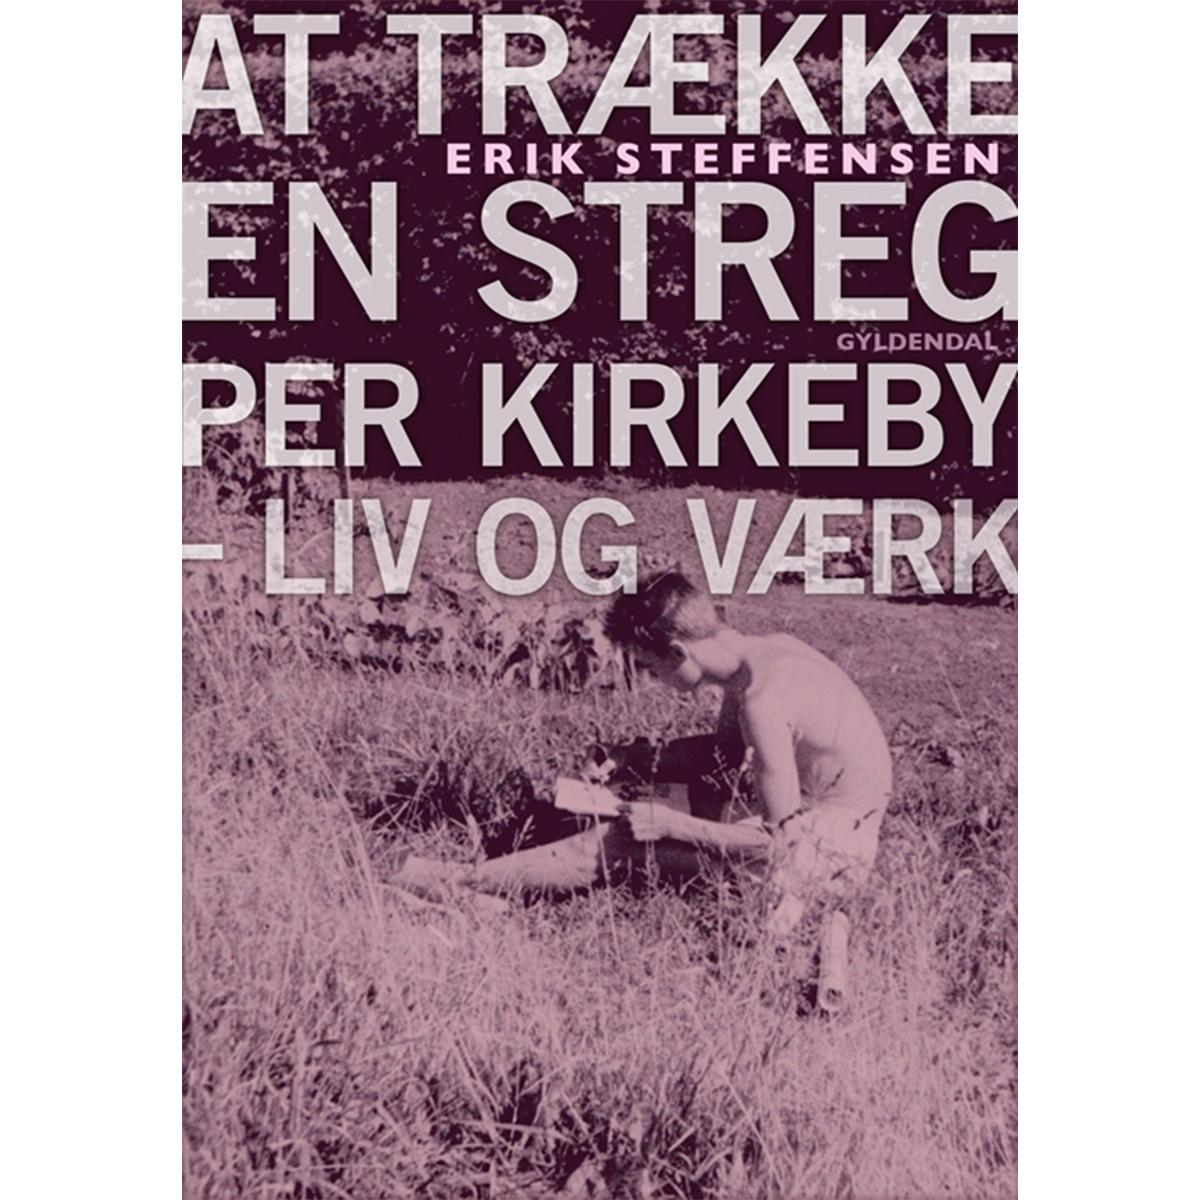 Billede af At trække en streg, Per Kirkeby - liv og værk - Indbundet